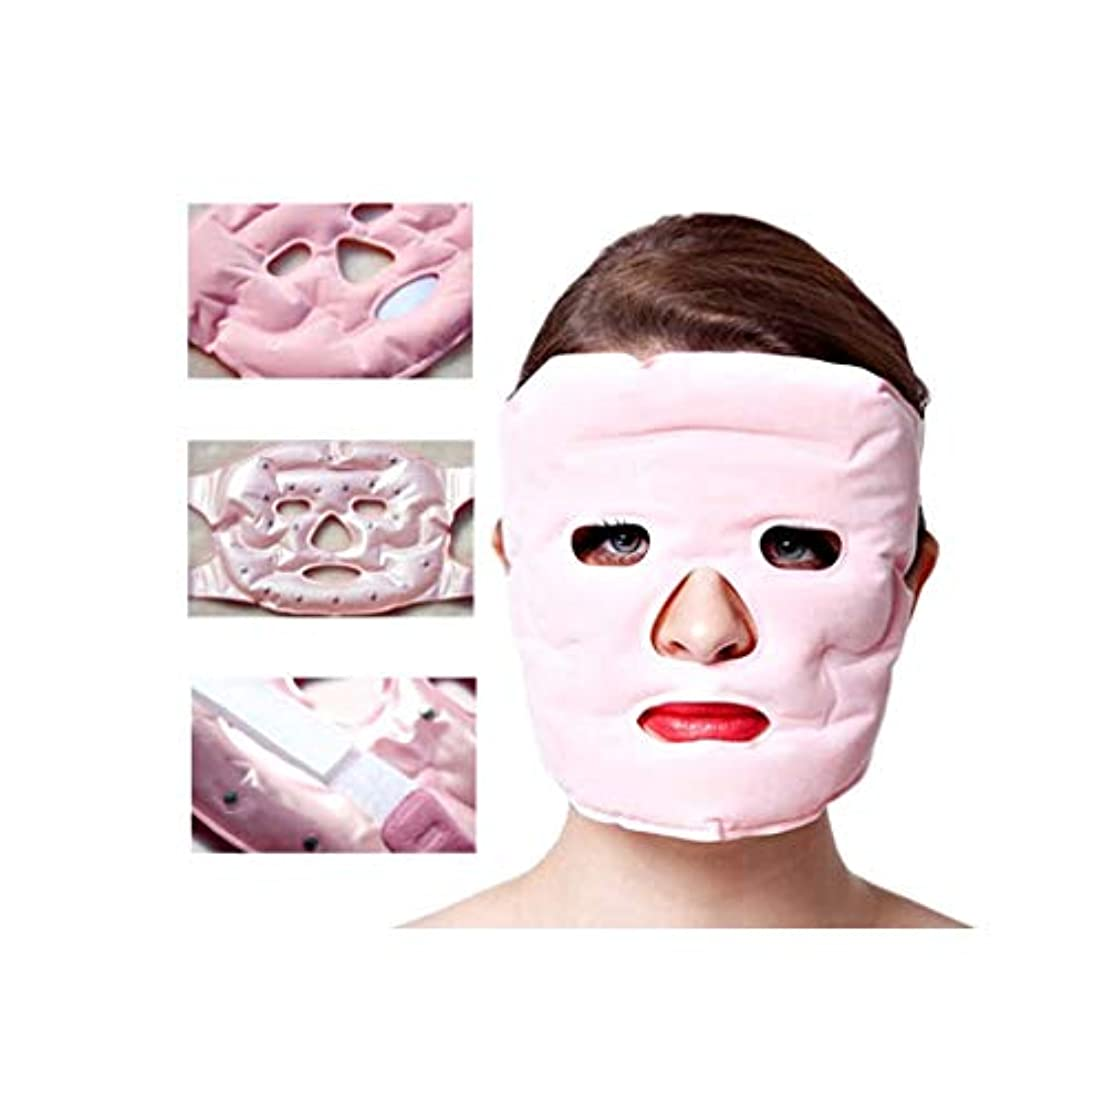 リストジーンズロードされたフェイシャルスリミング、Vフェイスマスク、フェイスリフティングビューティーマスク、磁気療法リフティングフェイス、肌の状態を改善するための肌の頬の引き締め